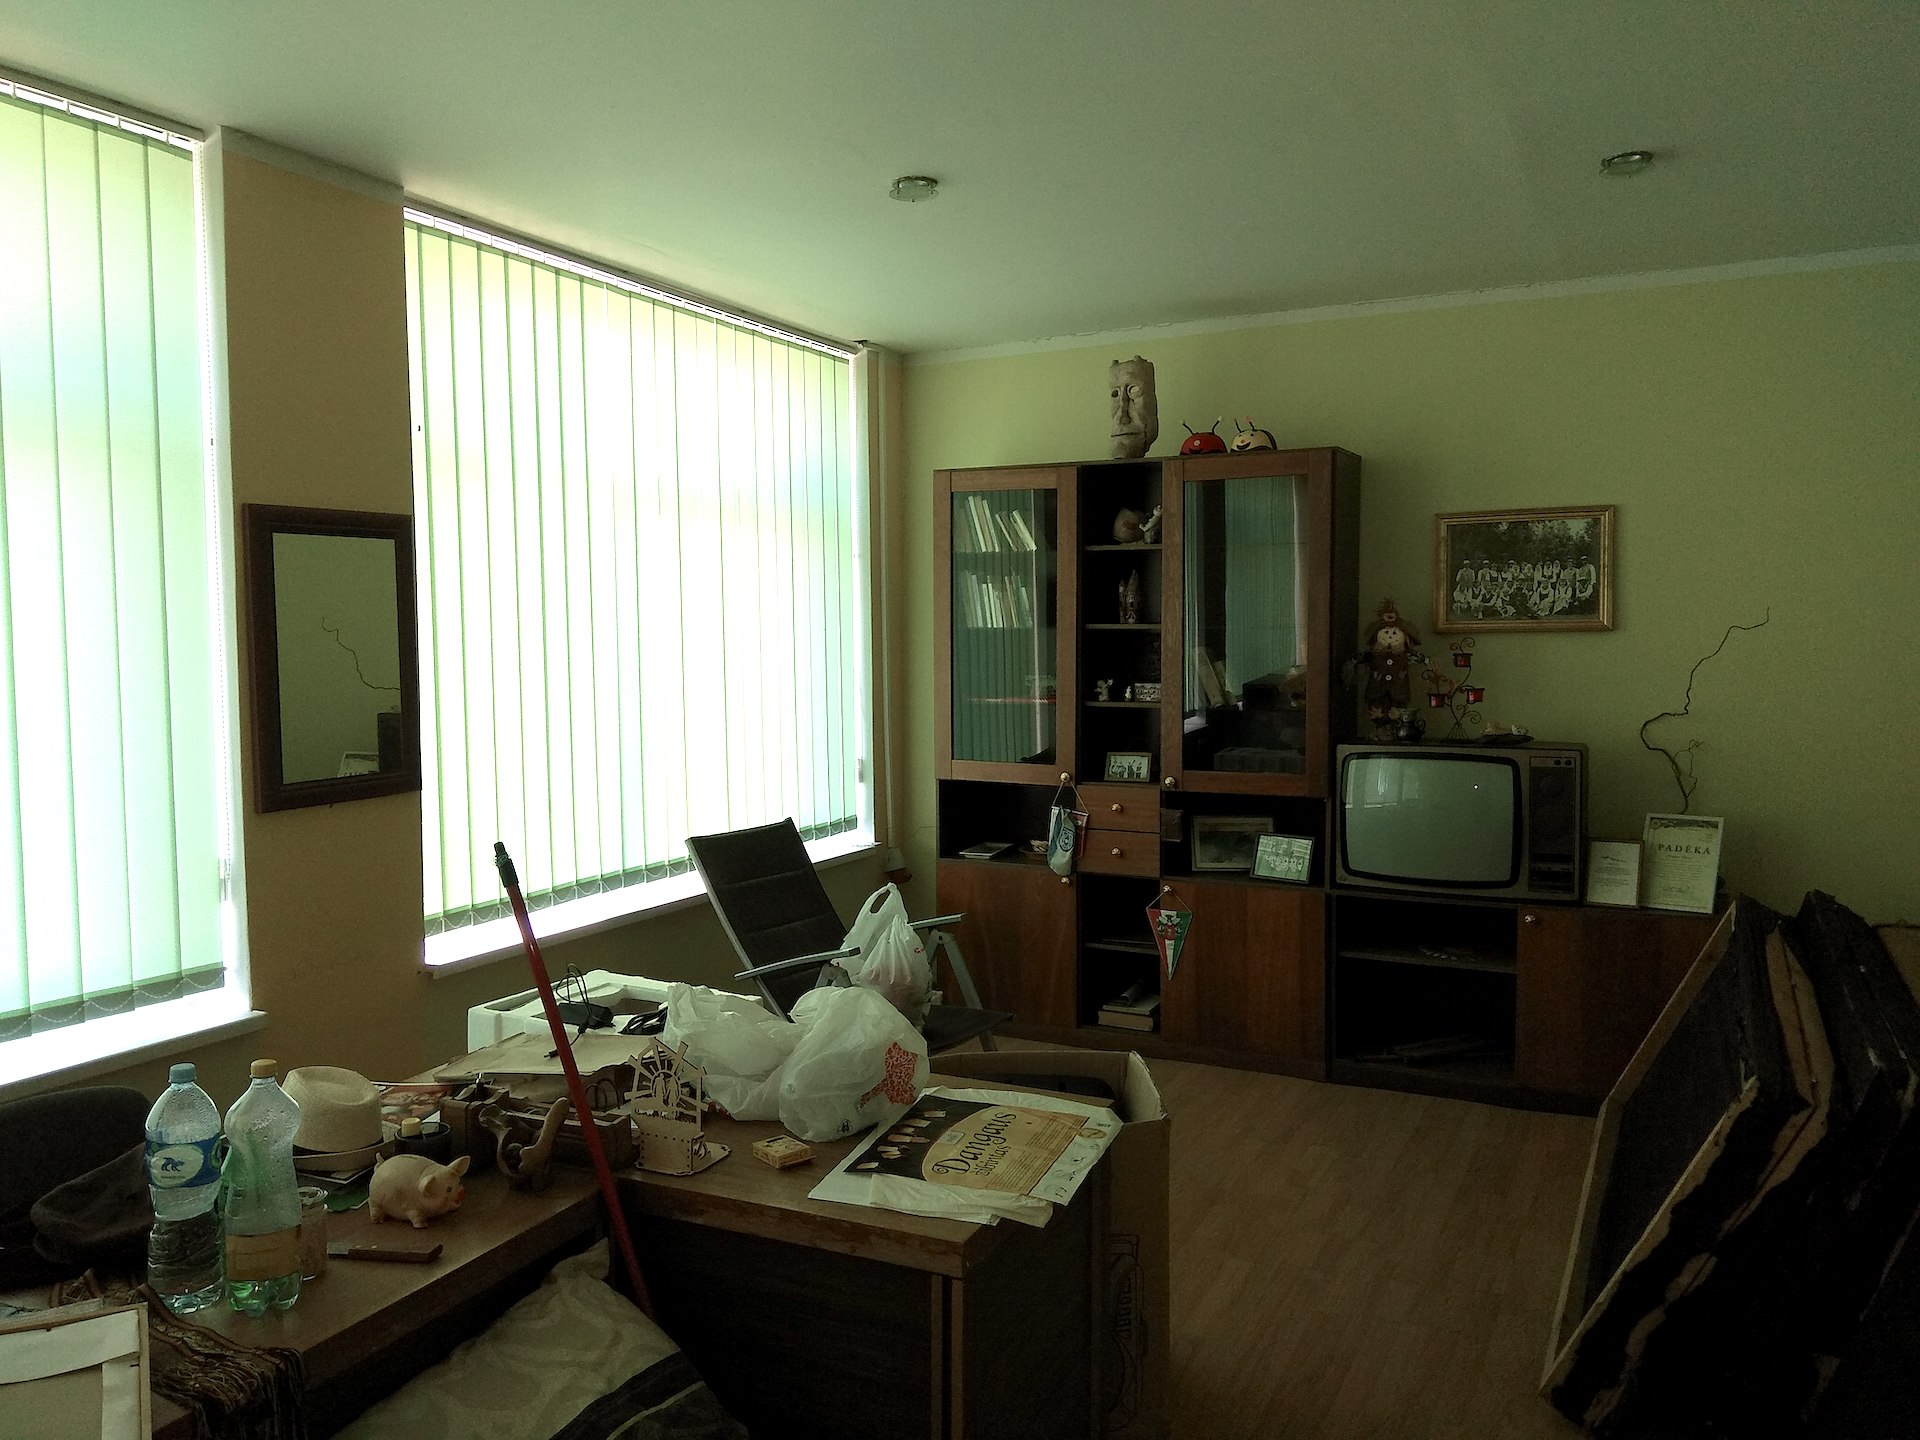 Dabar Truskavos kultūros centro darbuotojai glaudžiasi štai tokiuose, nešildomuose ir drėgnuose  kabinetuose, kur pelija jų rūbai, genda instrumentai. D. Kuprijanovo nuotr.